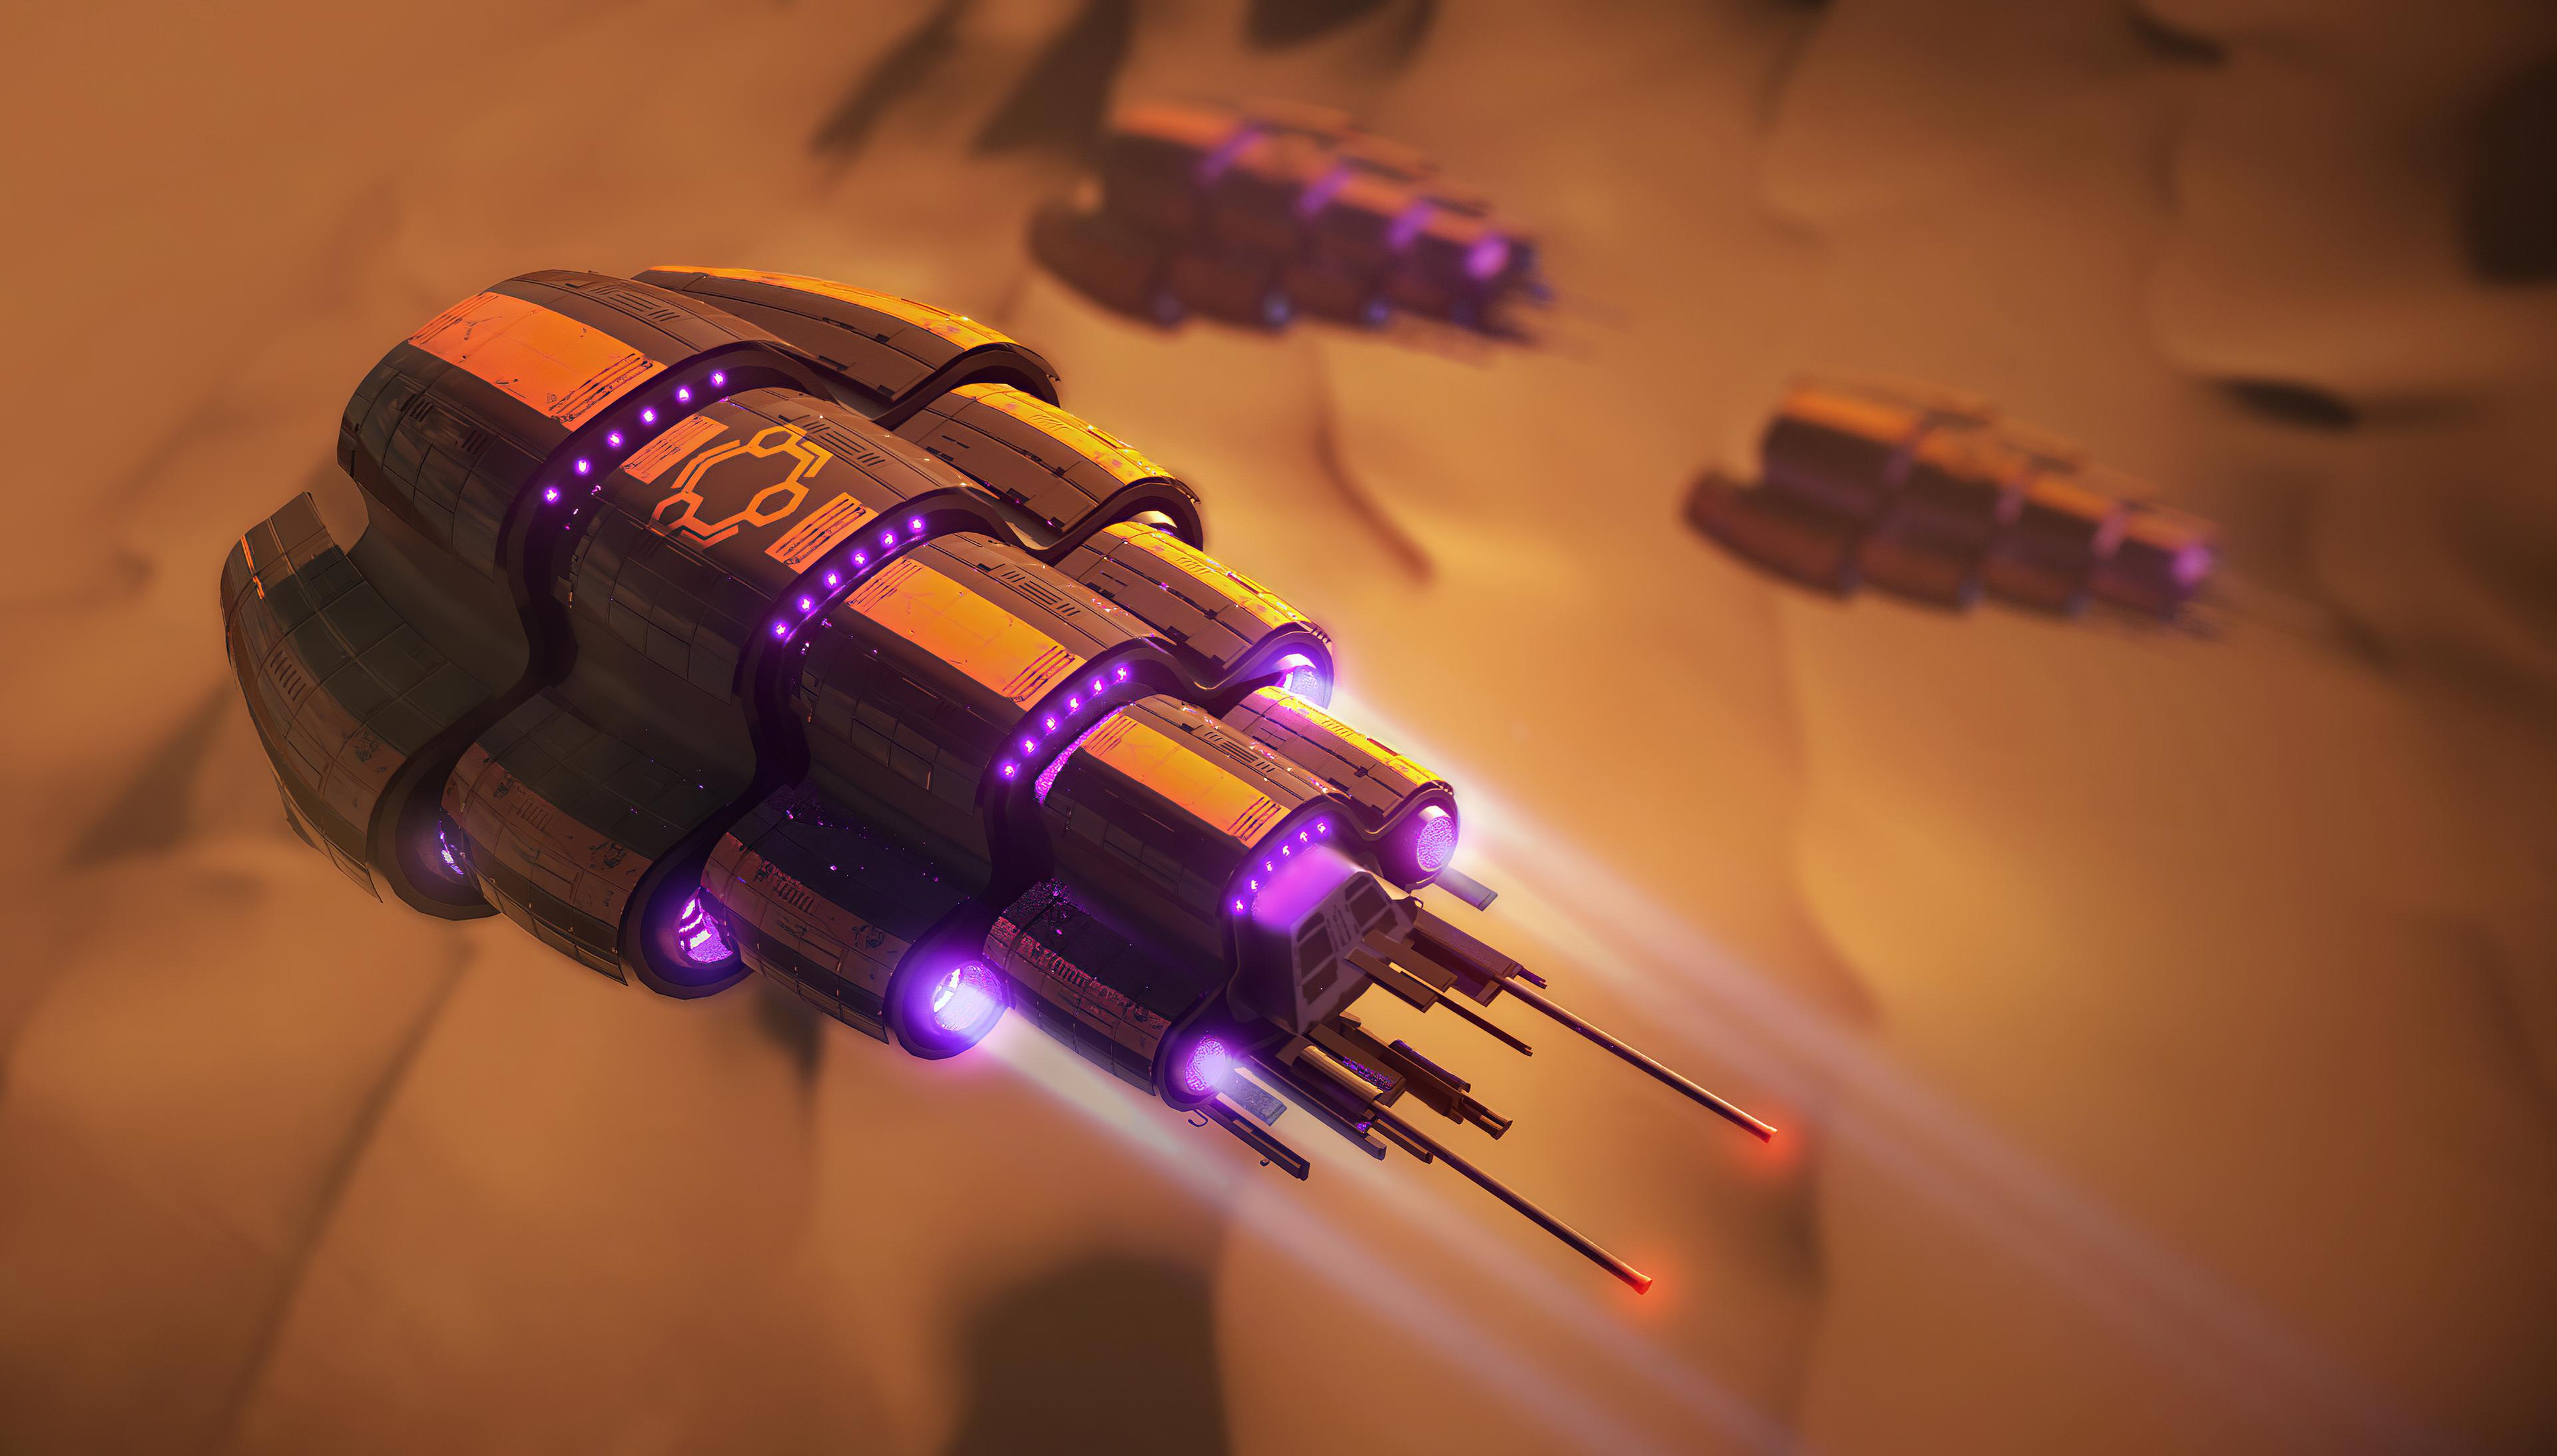 desert fleet scifi 1574941020 - Desert Fleet Scifi -